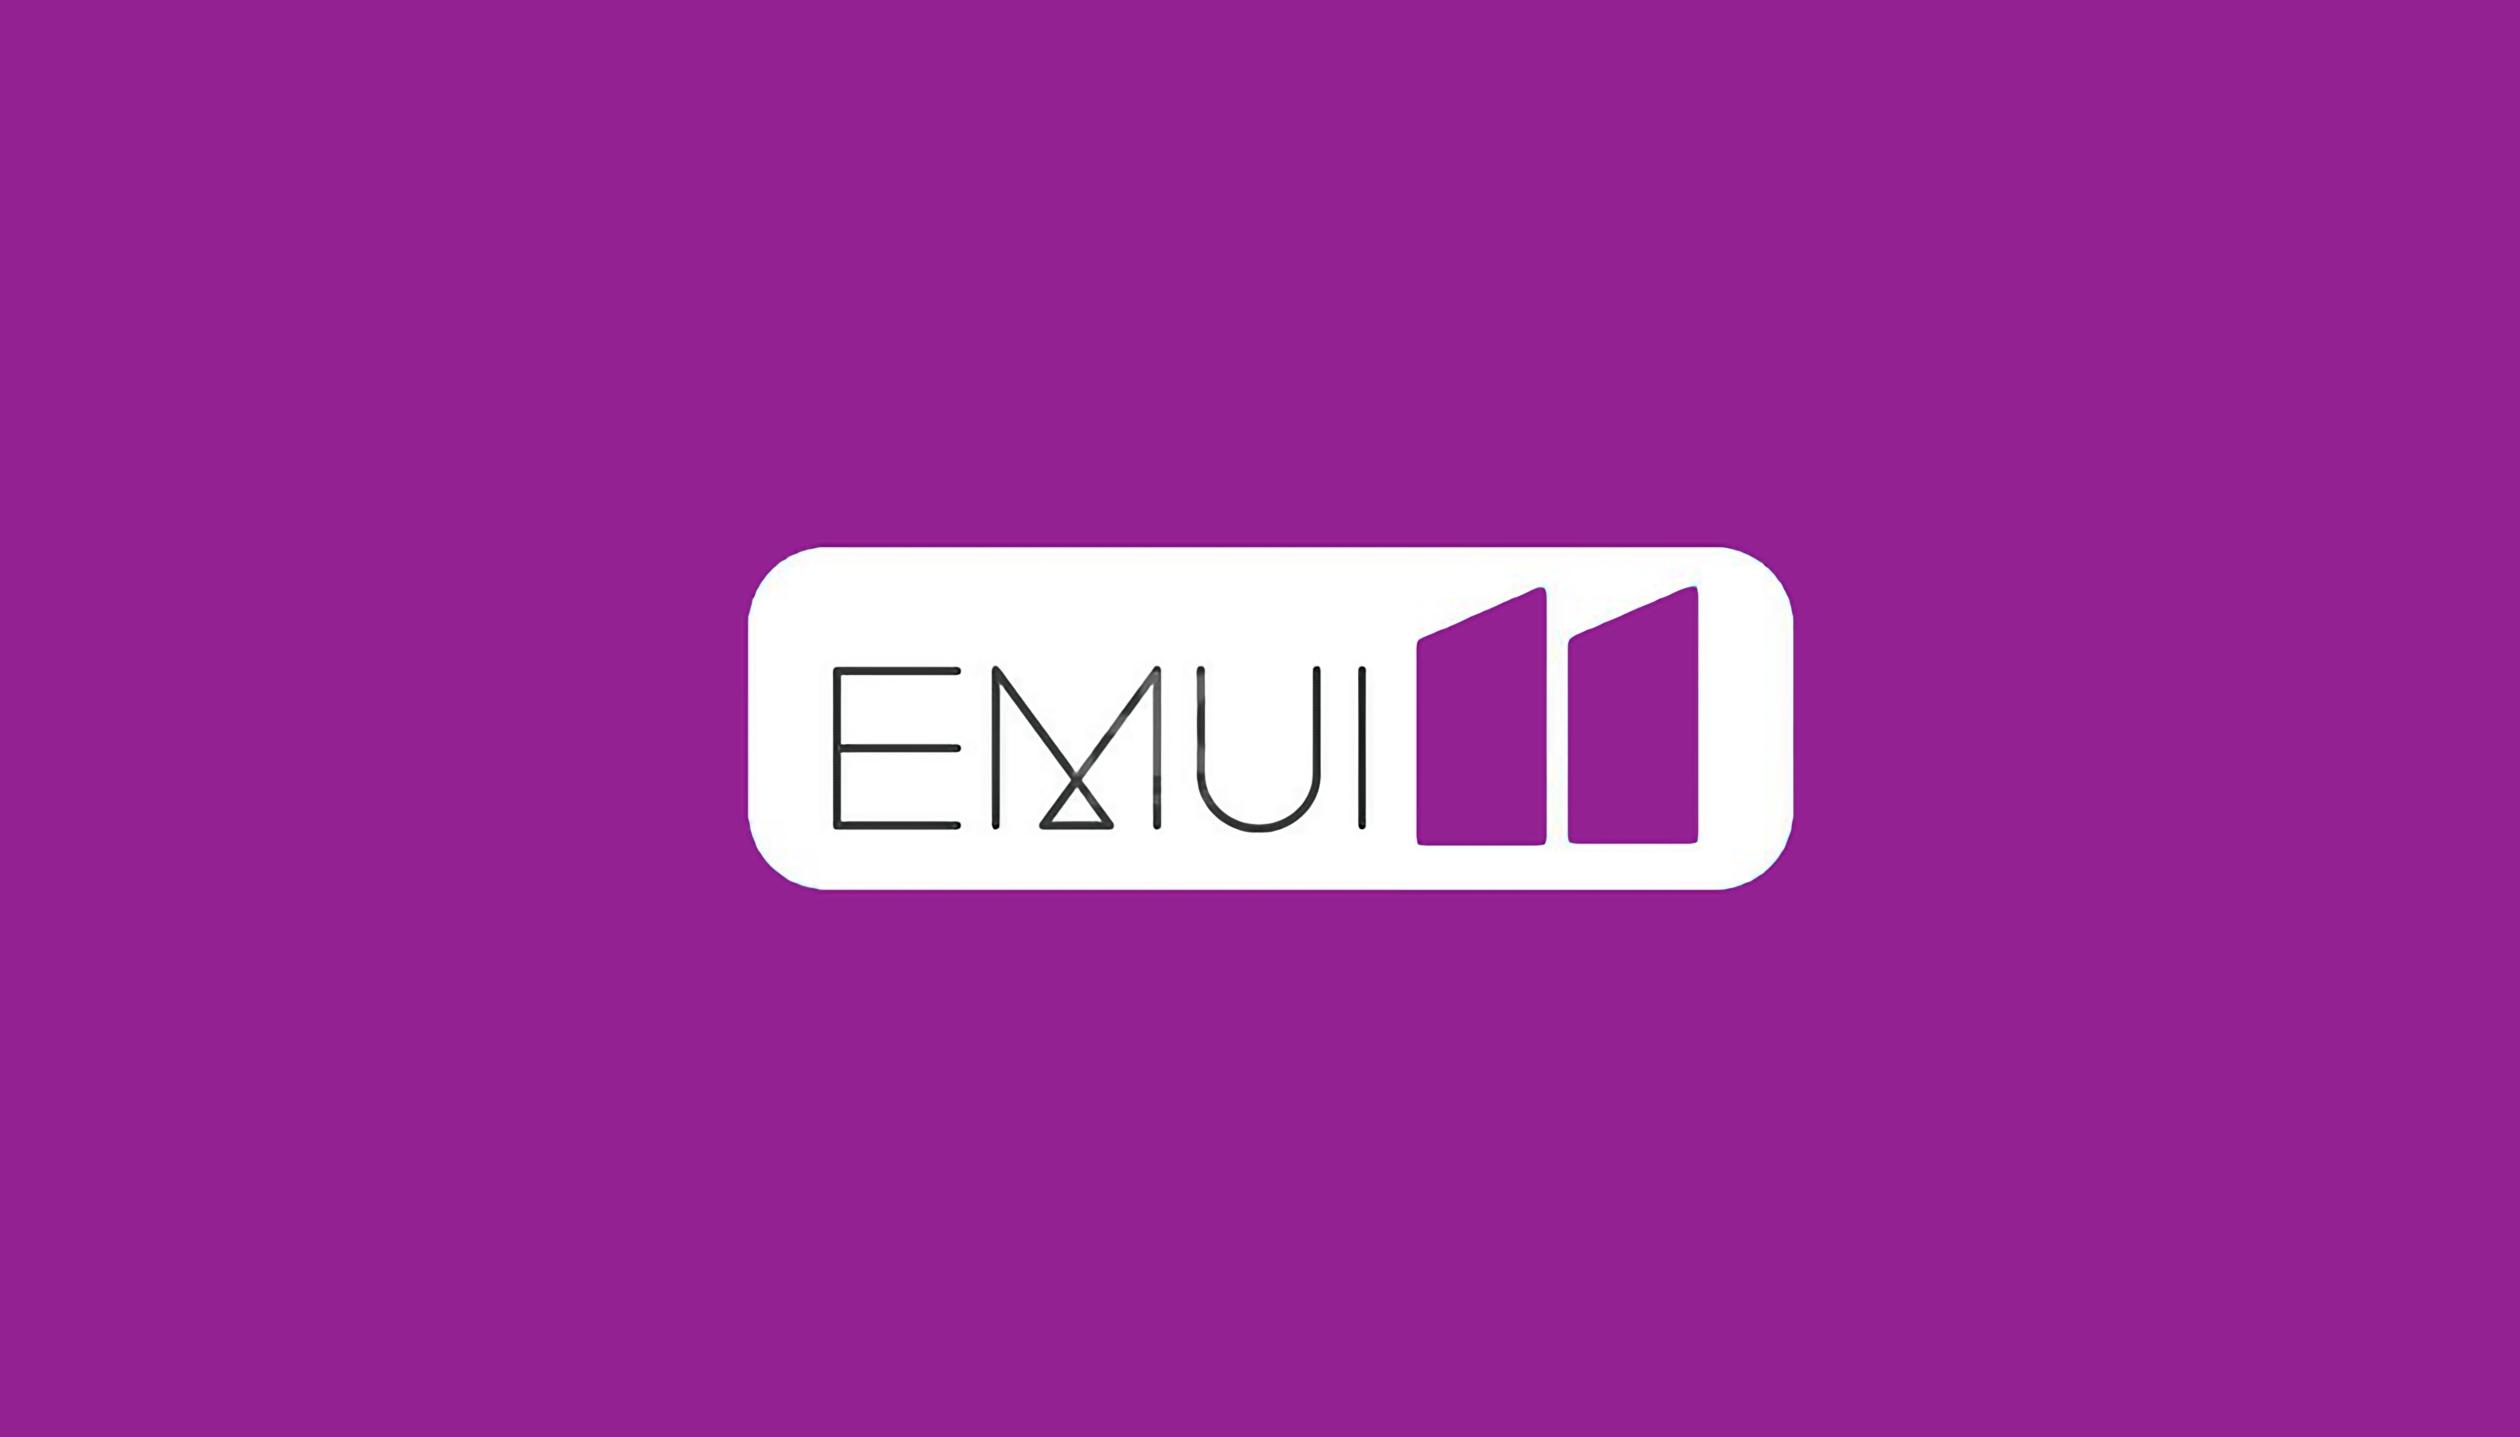 Huawei представит оболочку EMIU 11 в третьем квартале этого года: первыми её получат смартфоны Huawei P40 и Huawei Mate 40